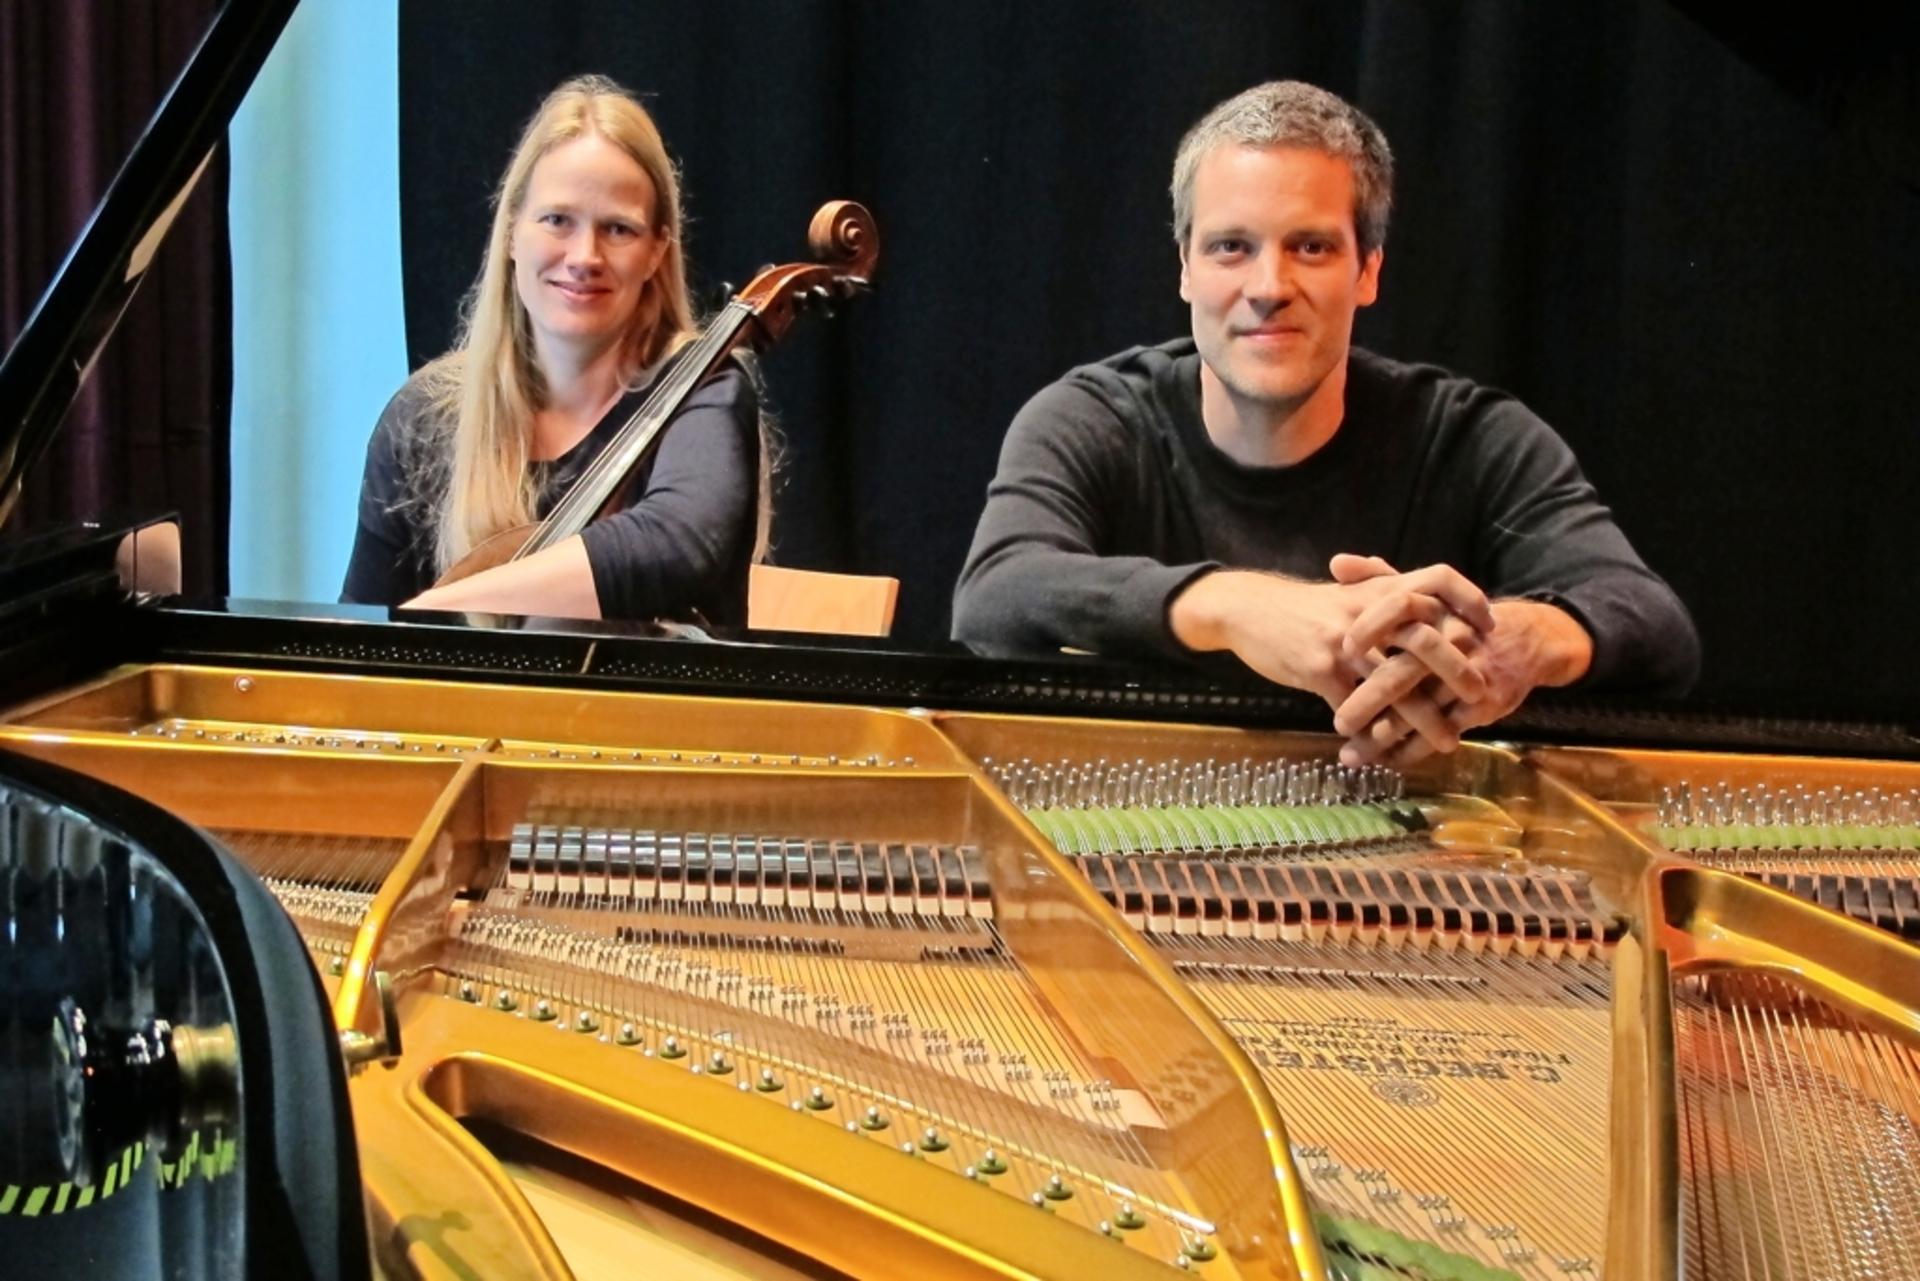 Vorfrühlingskonzert in der Orangerie mit Verena Schluß und Manfred Schmidt